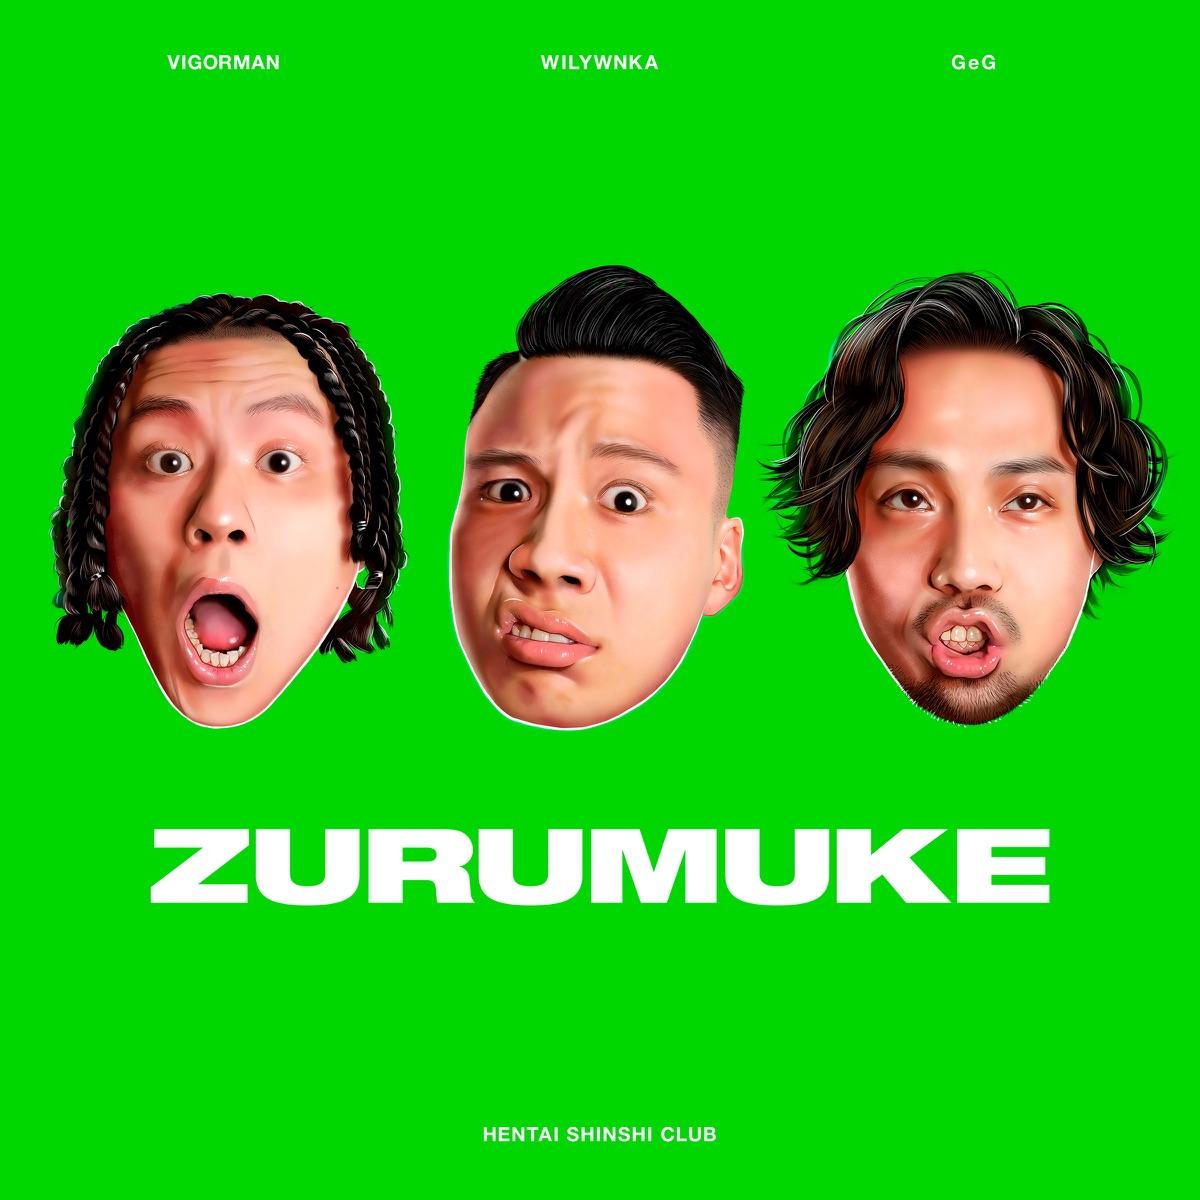 『変態紳士クラブ - Good Memories』収録の『ZURUMUKE』ジャケット